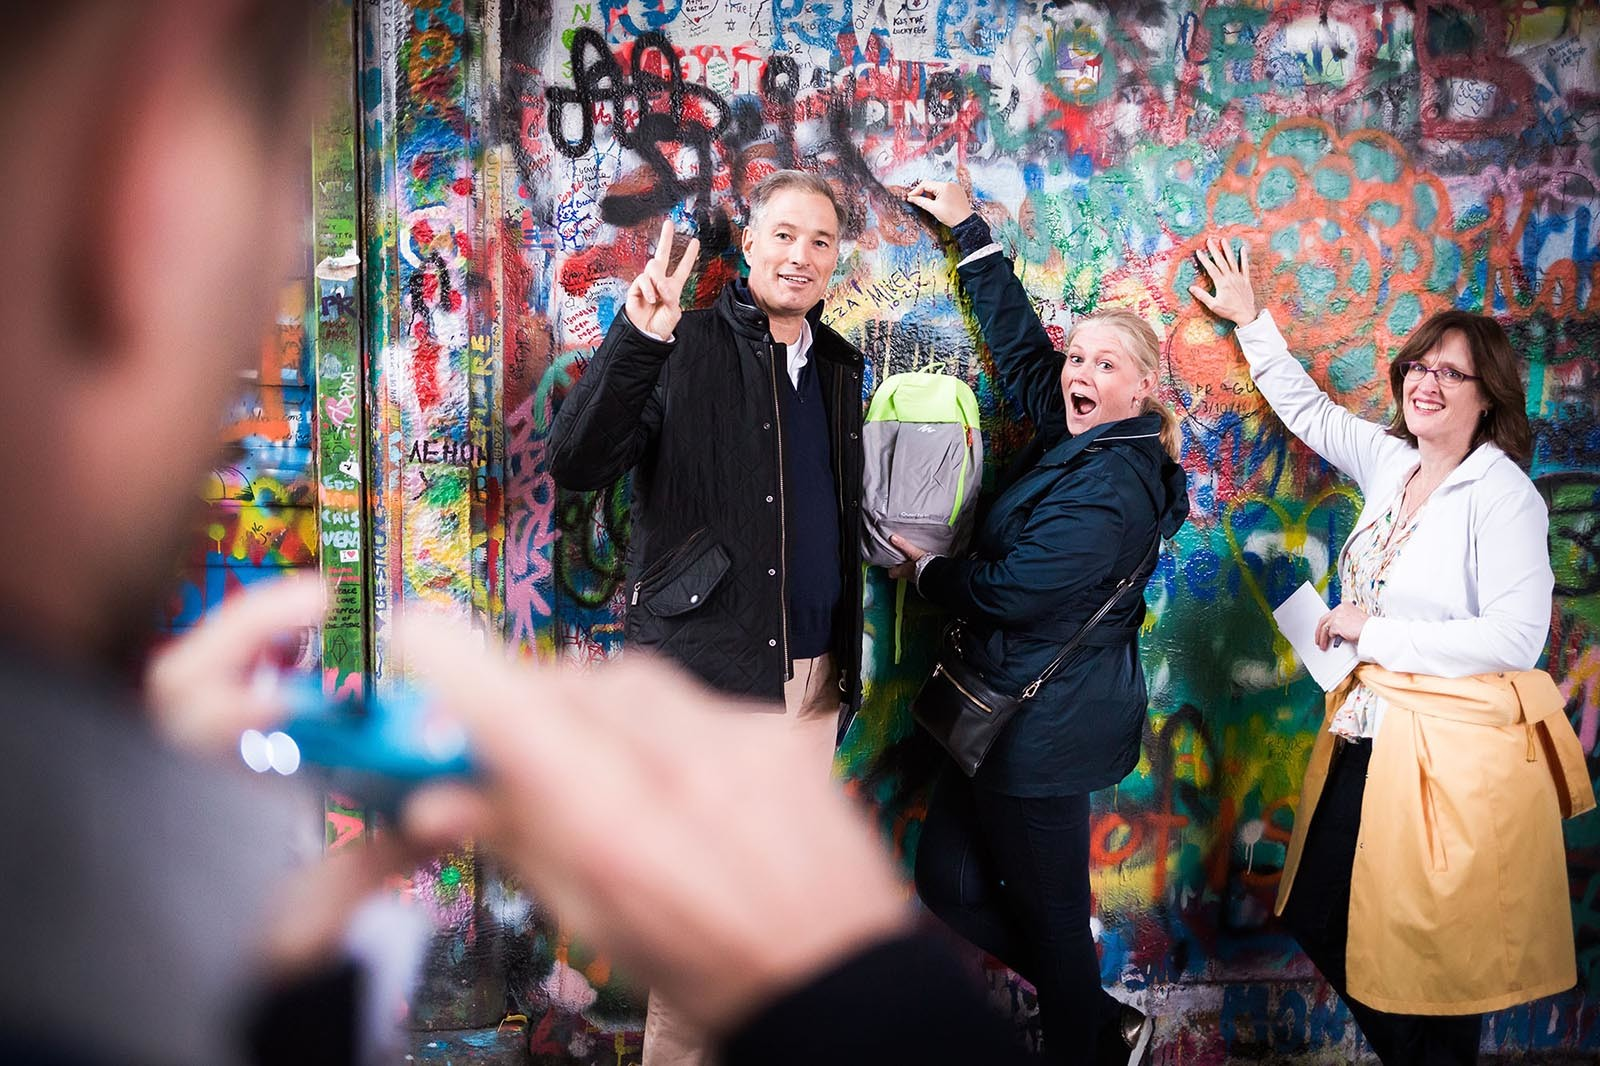 Skupinka lidi se foti u Lennonovy zdi pri hre Photopoly